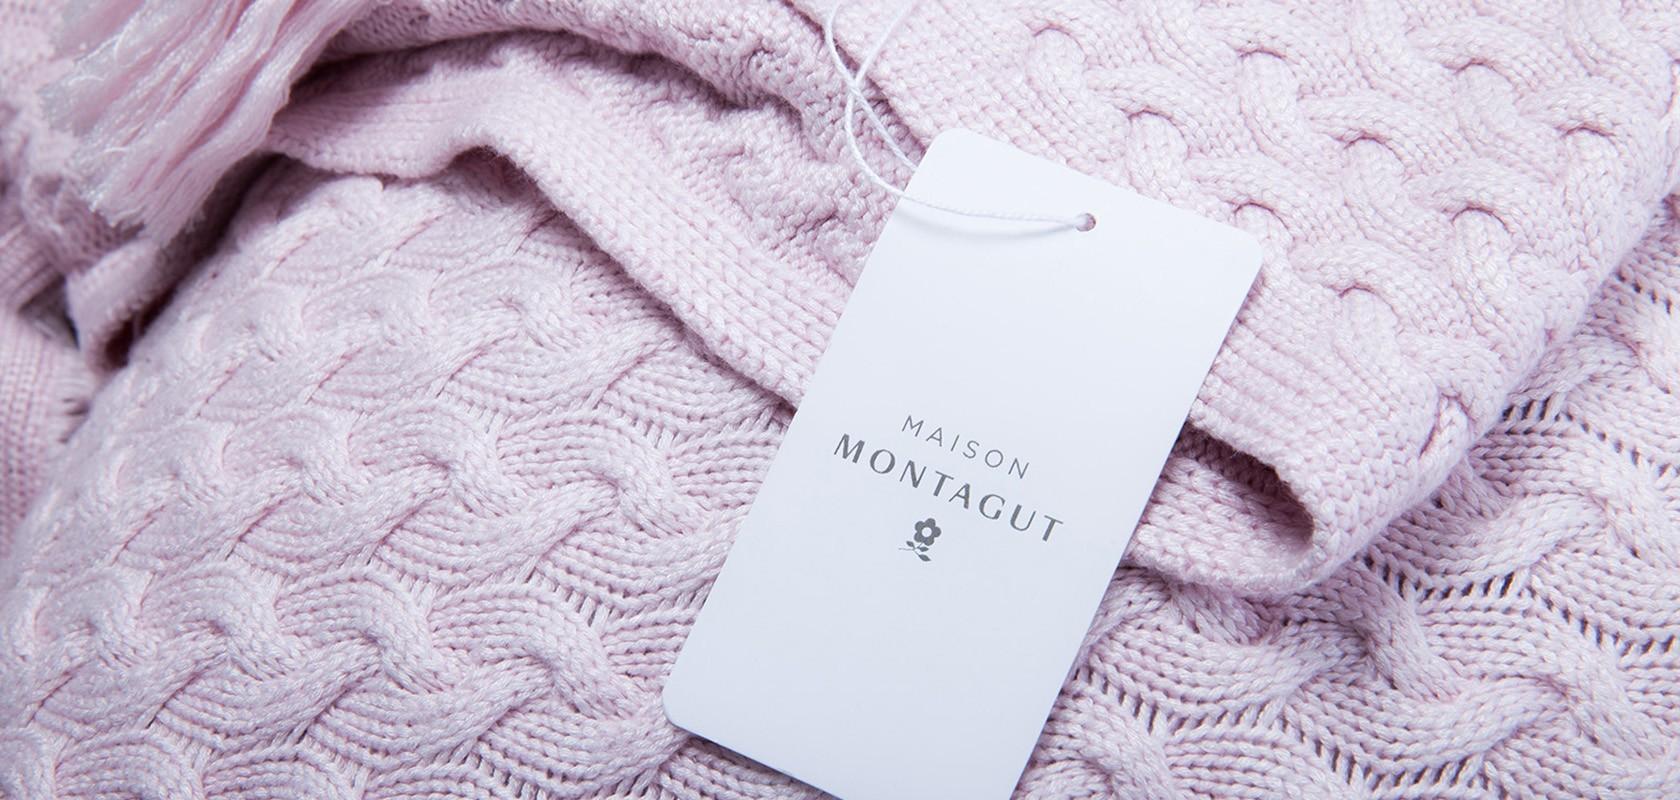 clothing woman outlet Maison Montagut